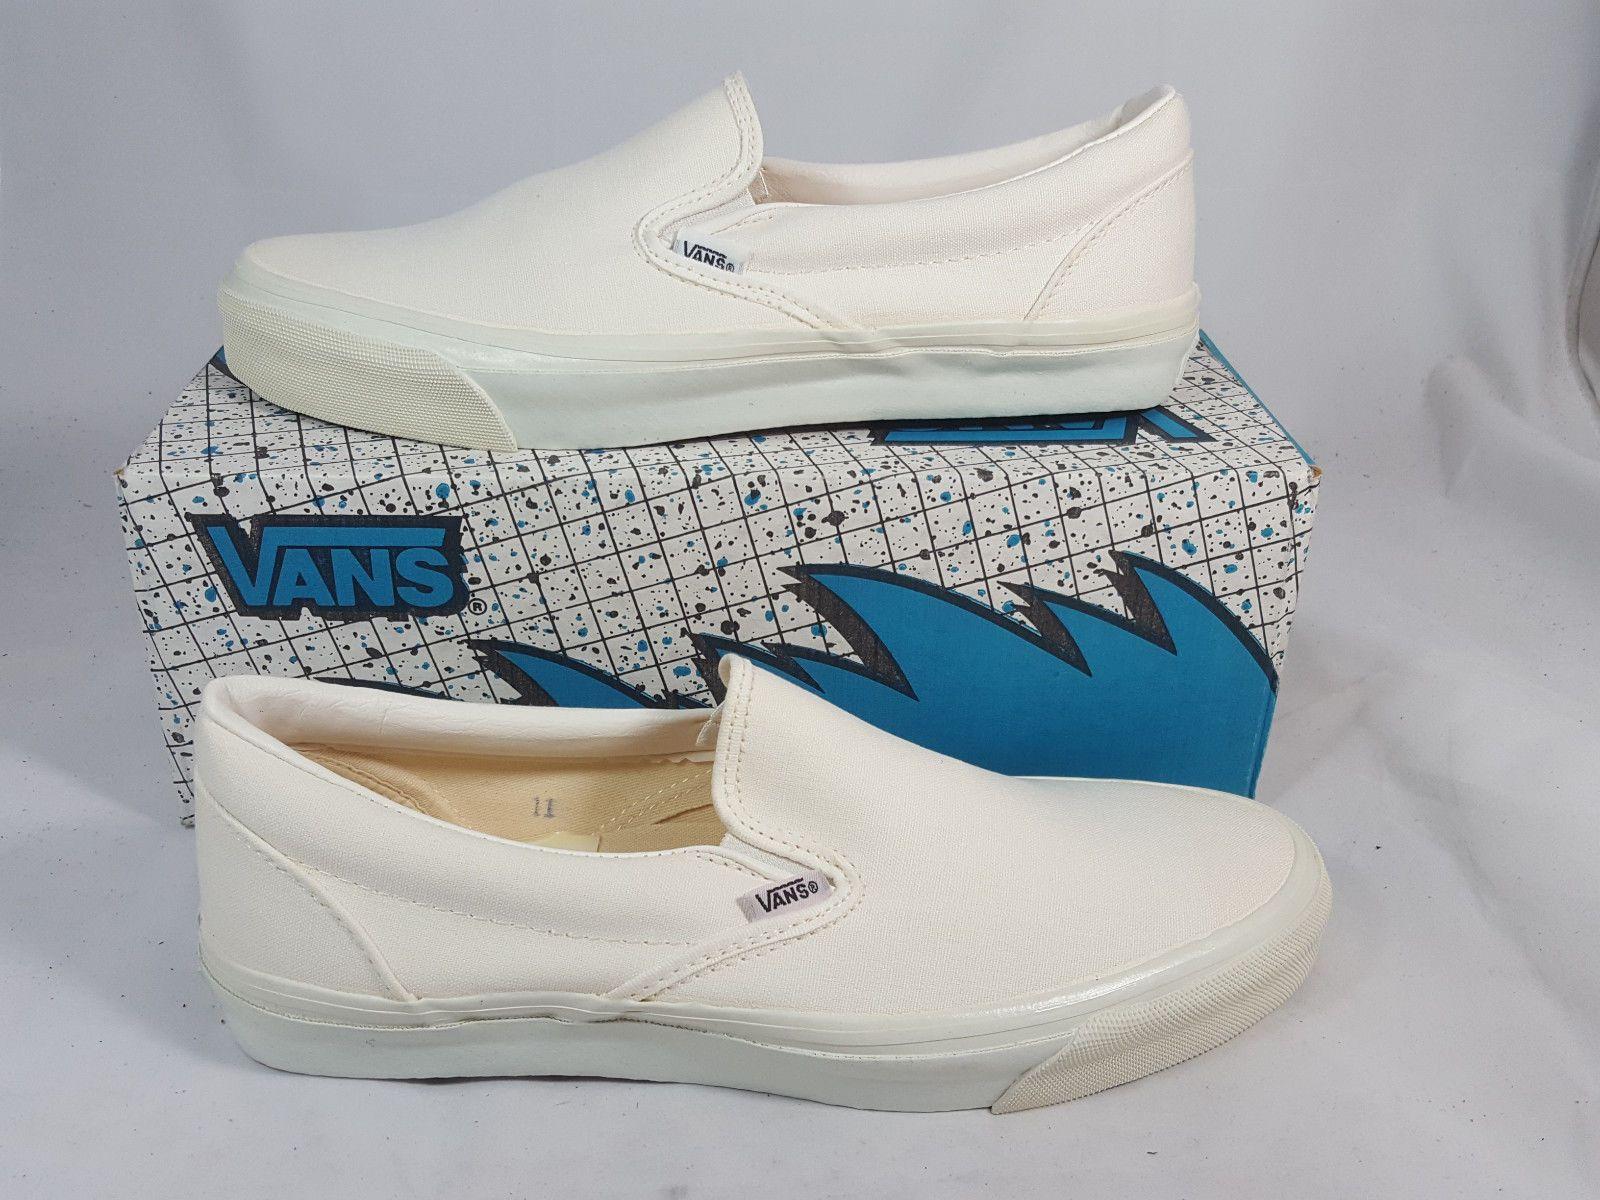 edc0de9bca Vintage Vans SLIP ON Shoes WHITE made in USA Men s Size 11 NOS Old Skool SK8